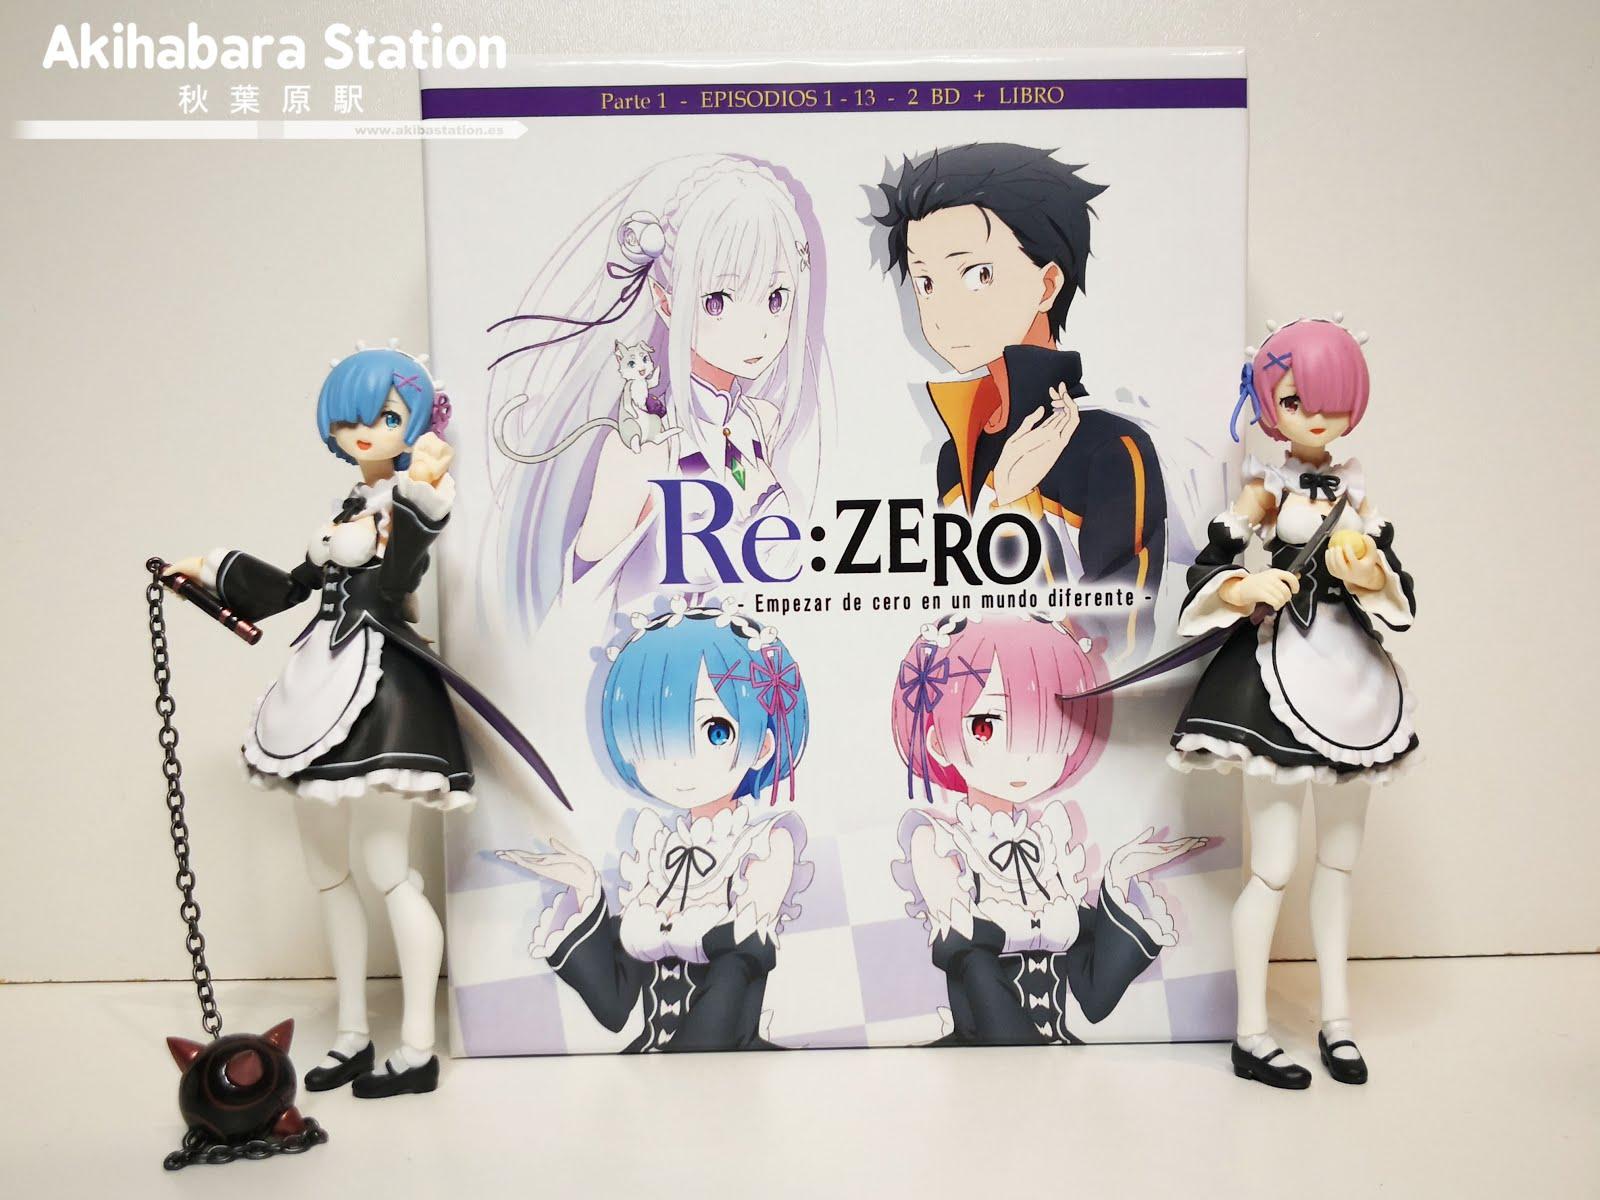 Review de Re:Zero - Empezar de cero en un mundo diferente Box.1 ed. Coleccionistas - SelectaVisión